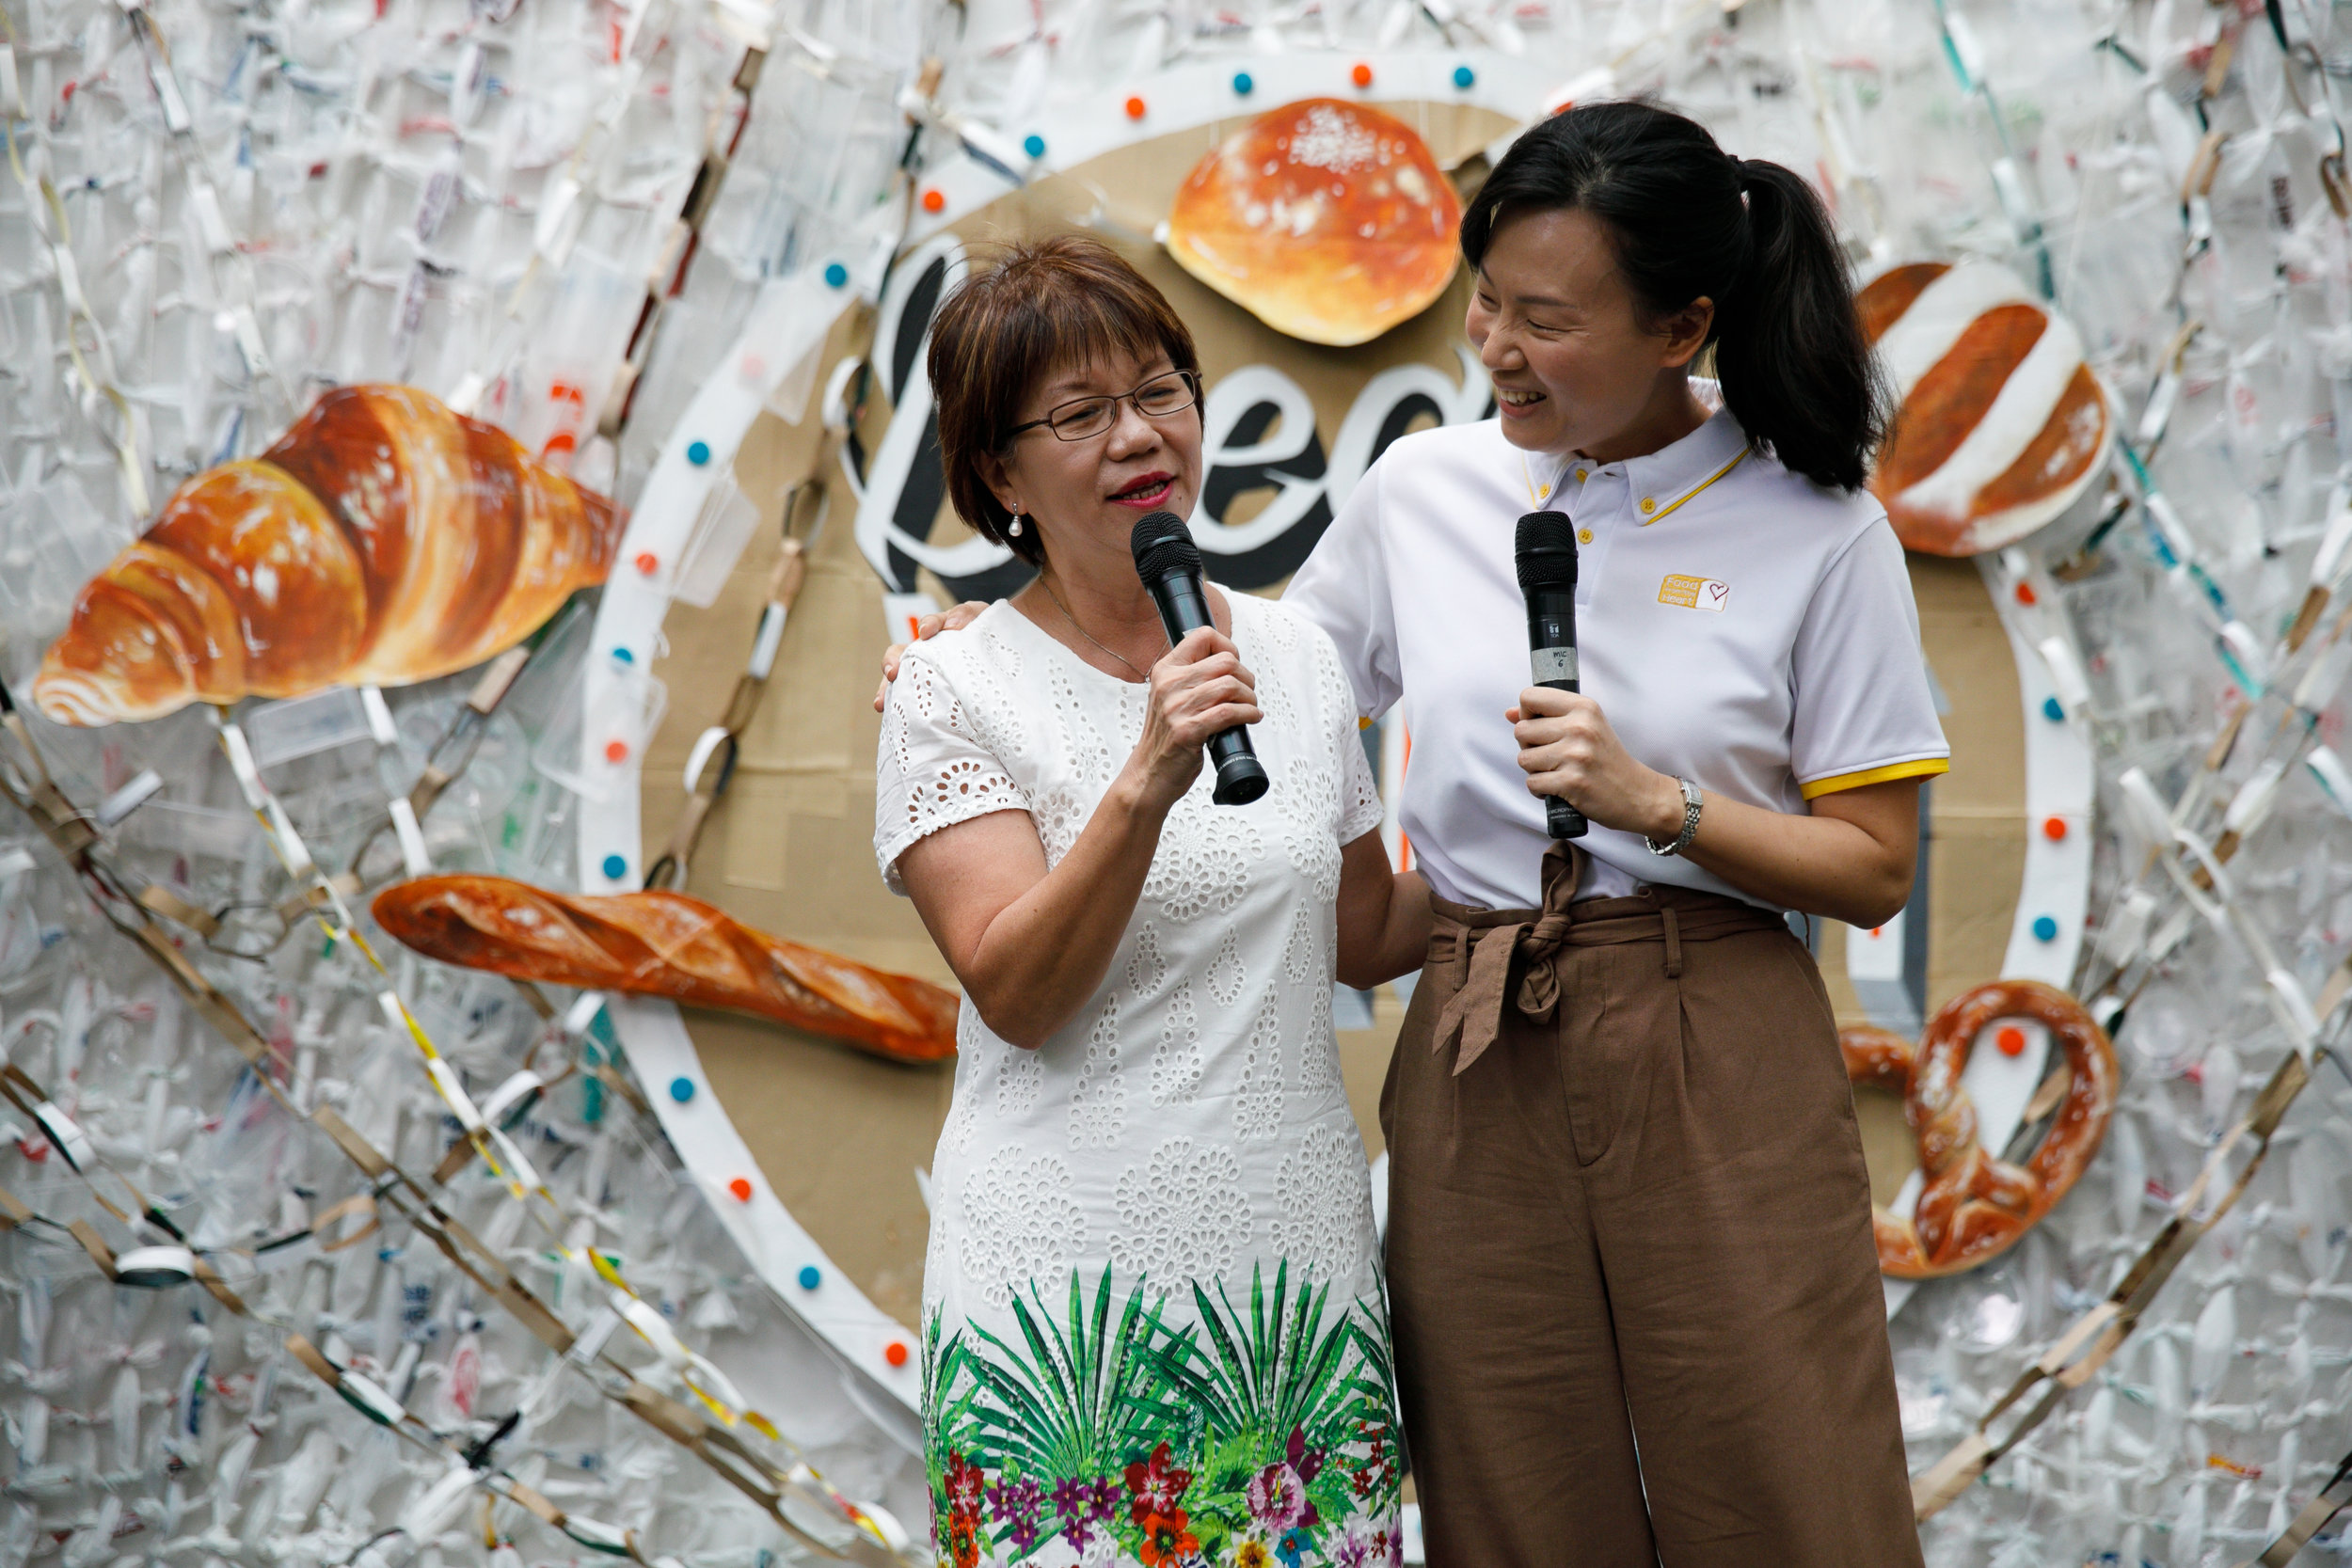 Photos by Kai Wen ( www.theyeogallery.com )